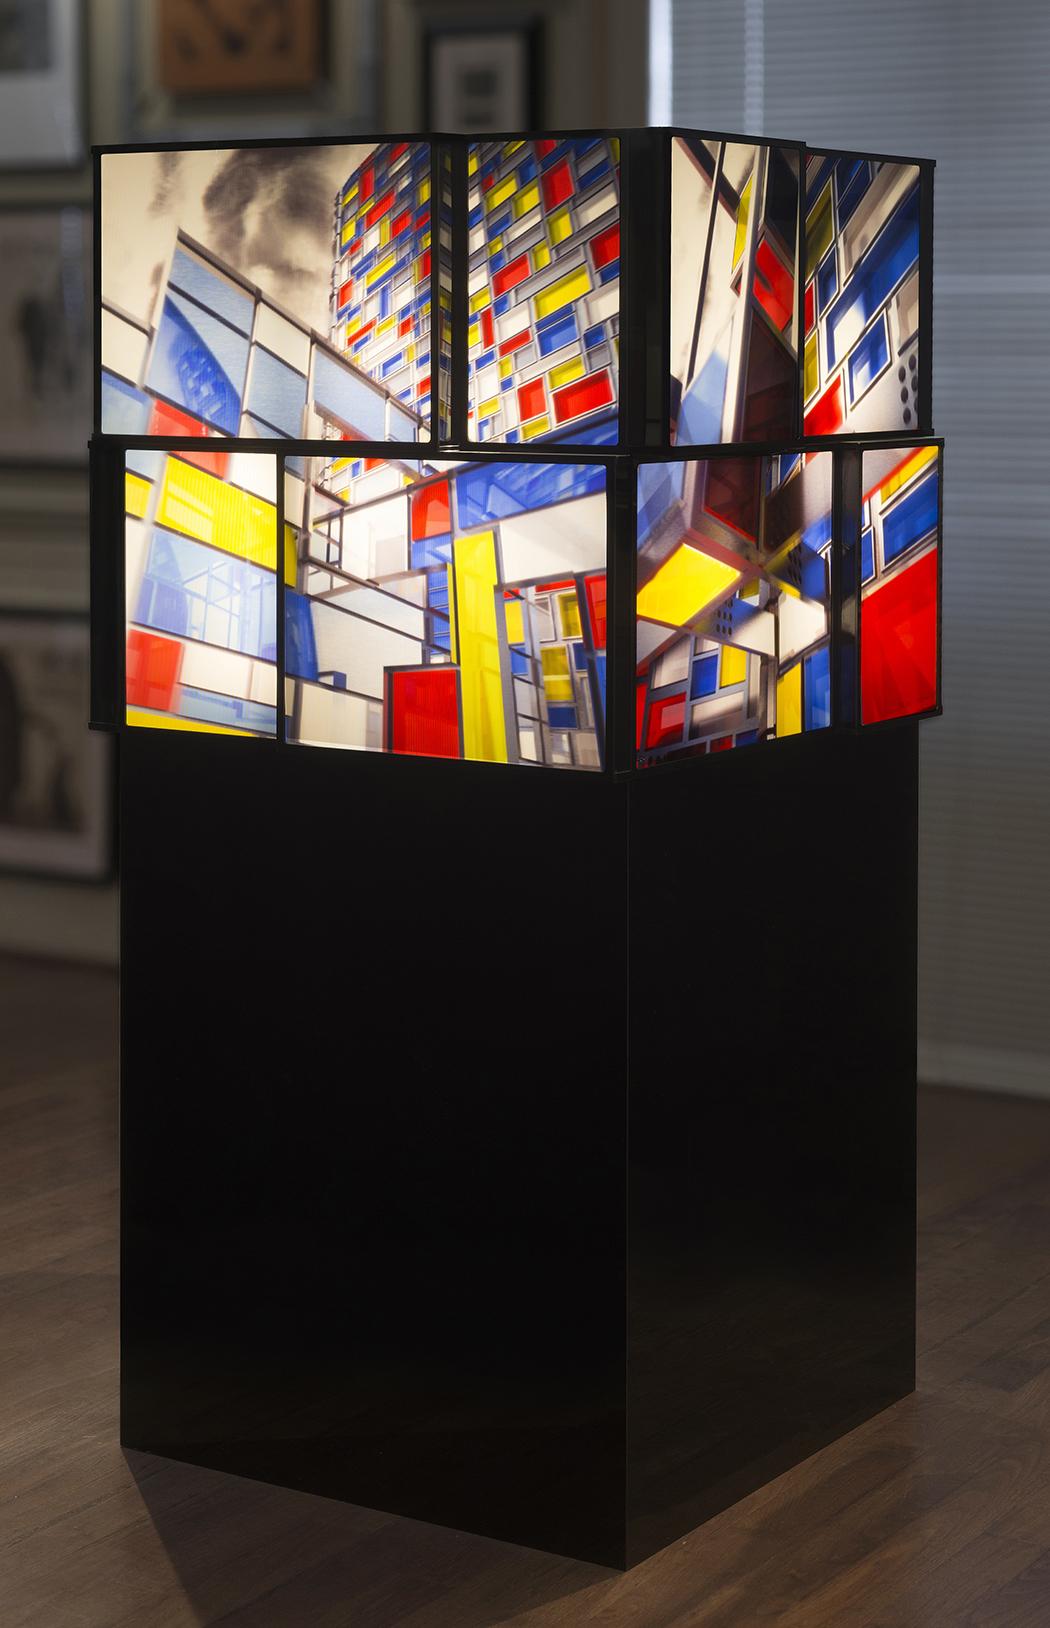 Nouveau Nouvel: Mondrian as Muse, 2014